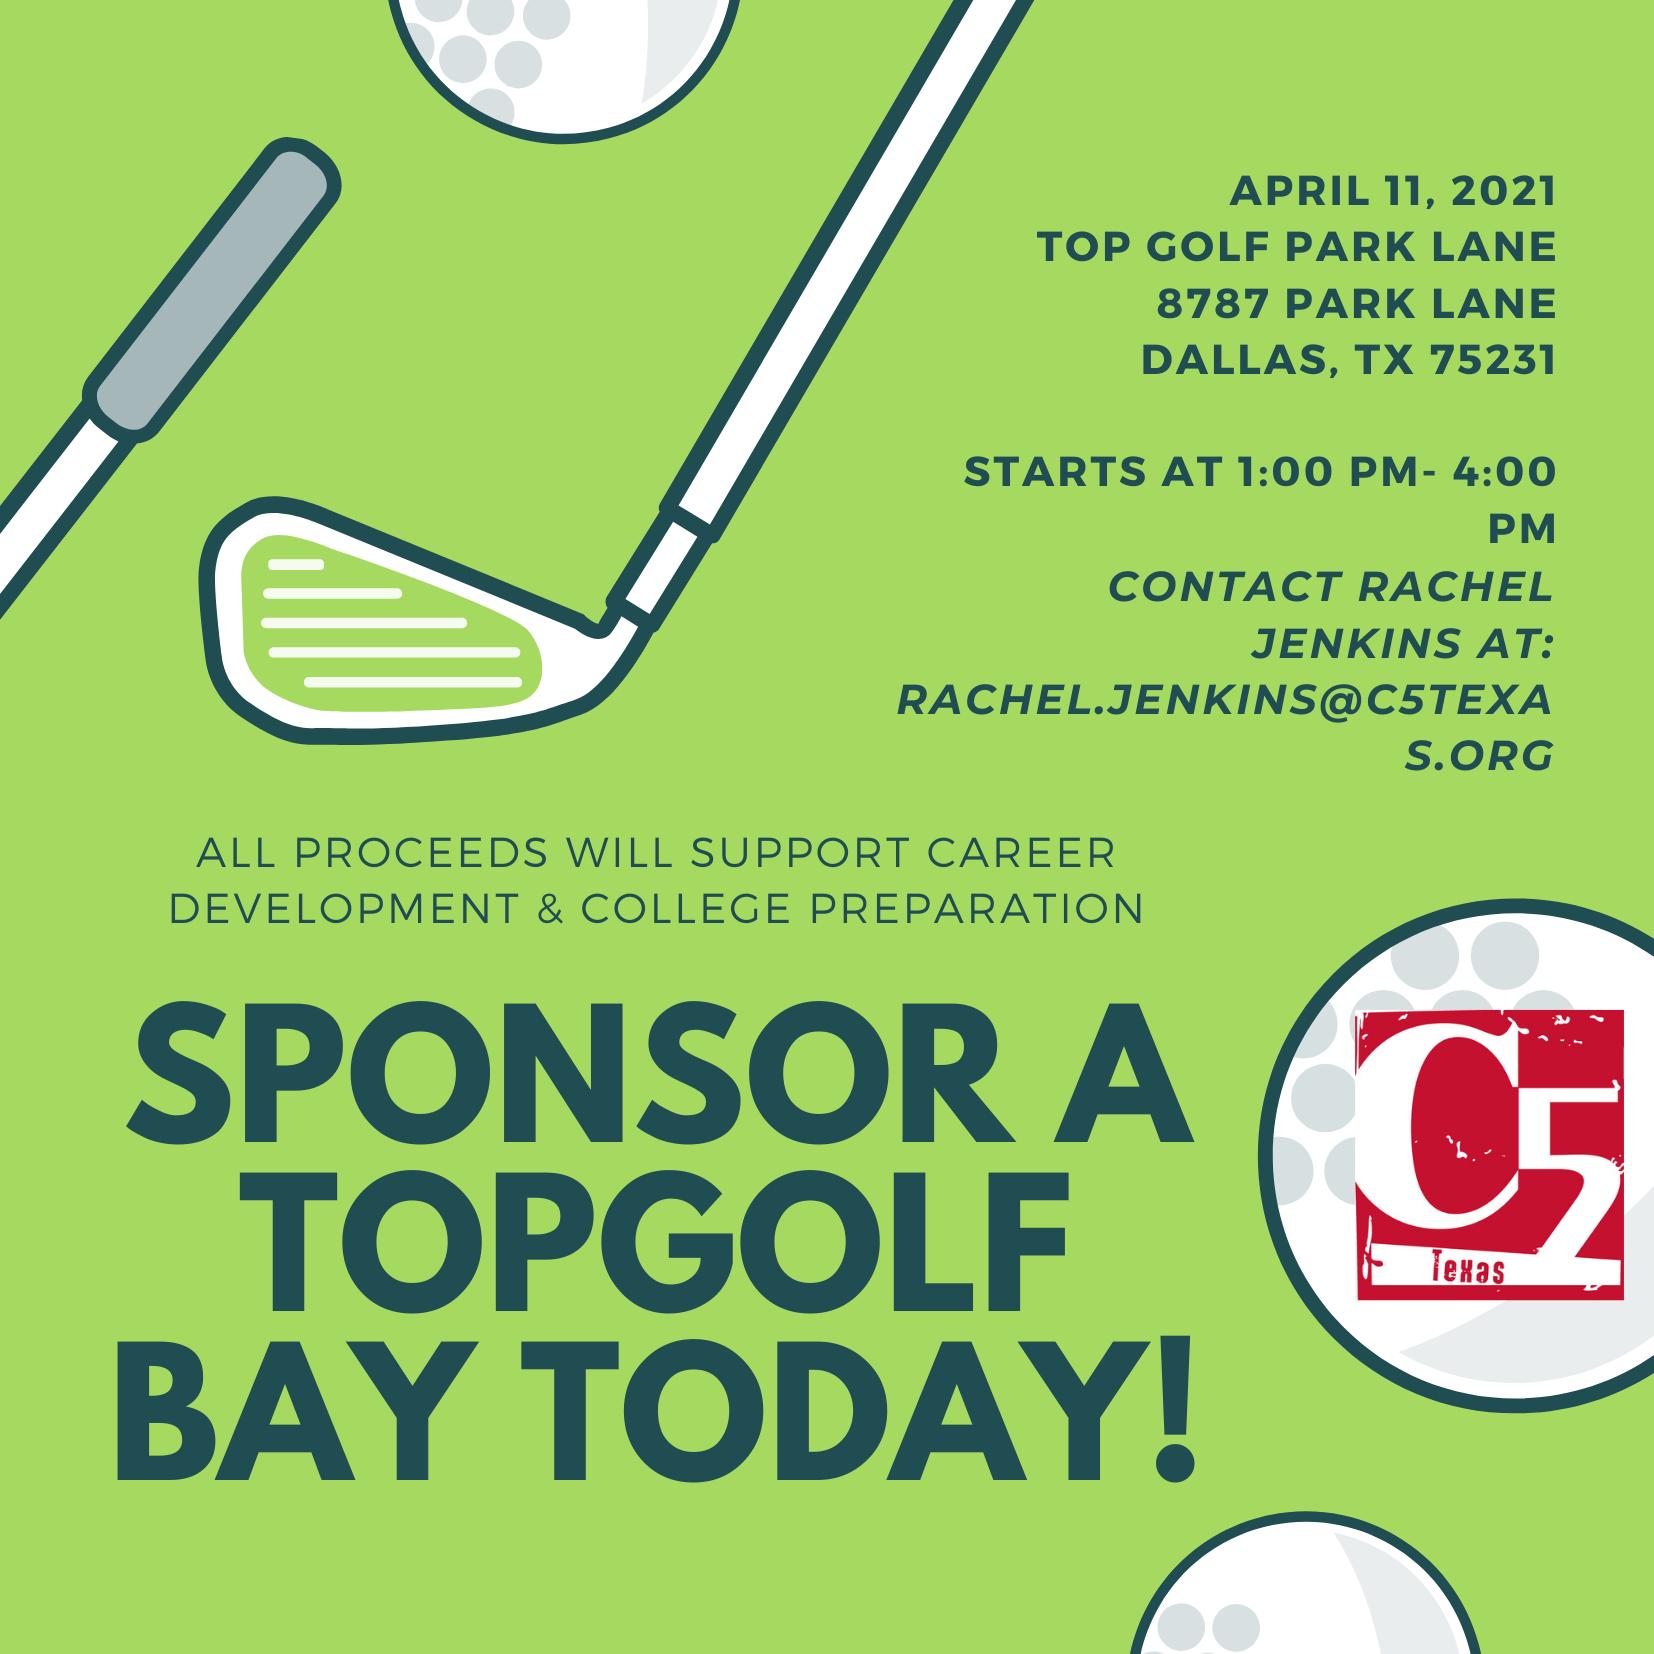 April 11, 2021 Top Golf Event